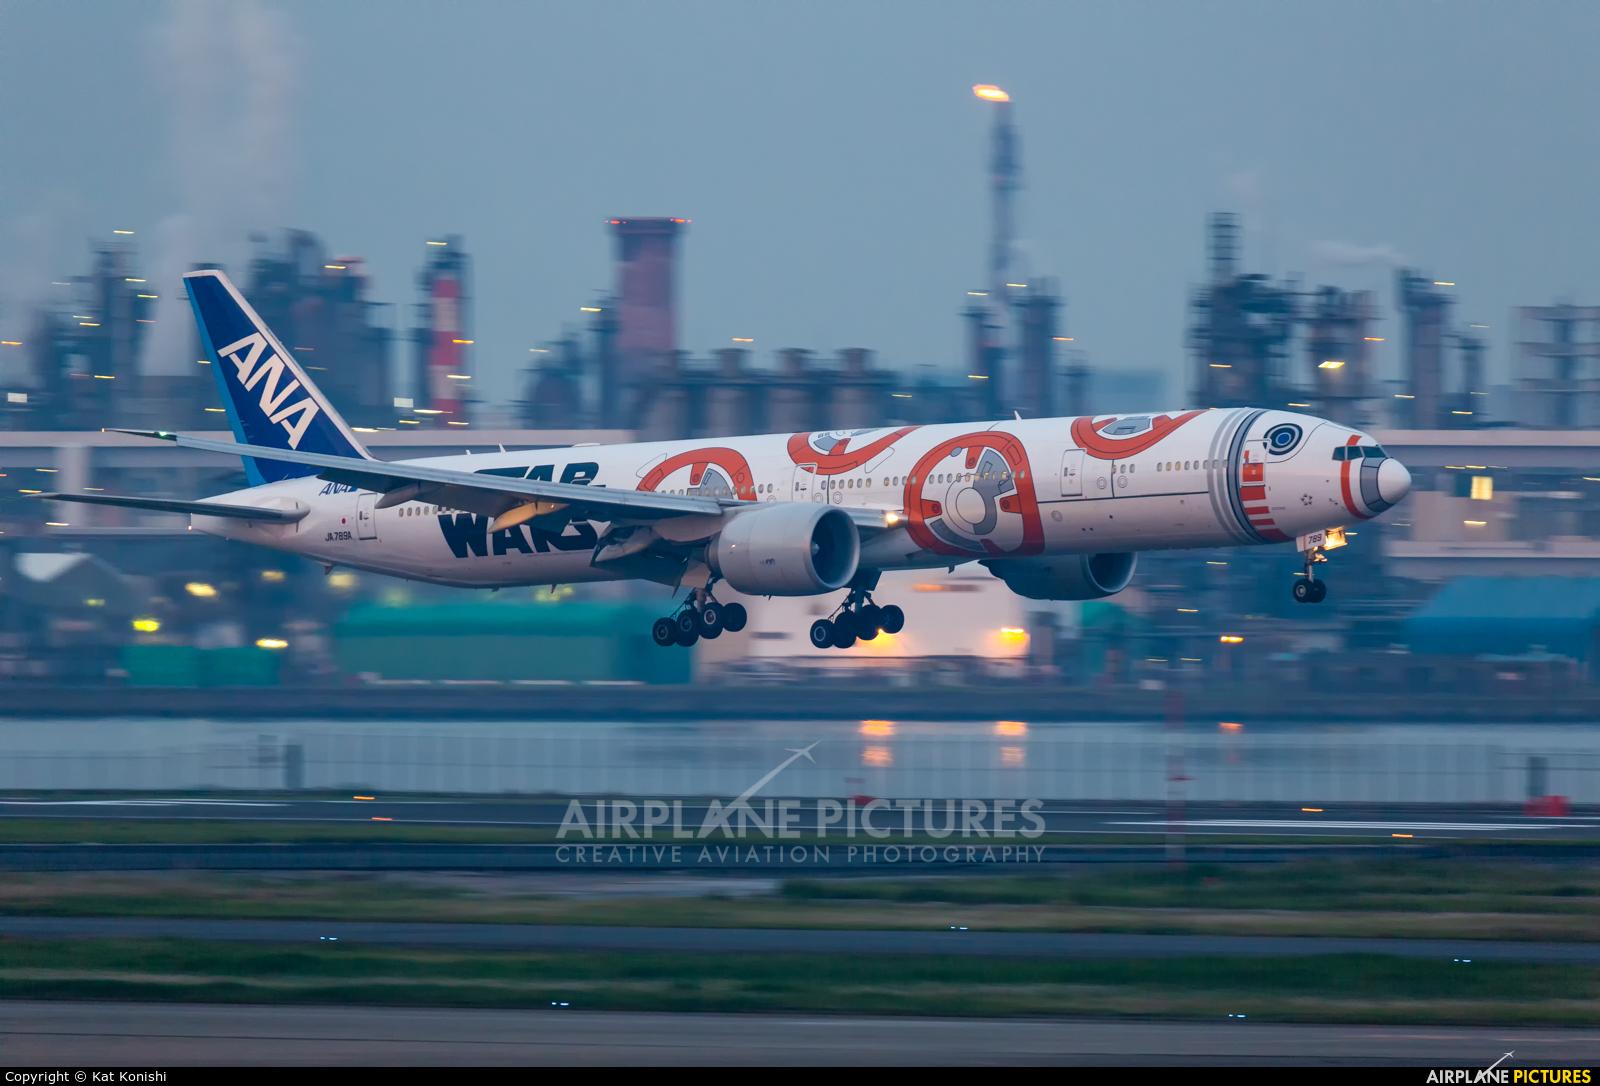 ANA - All Nippon Airways JA789A aircraft at Tokyo - Haneda Intl